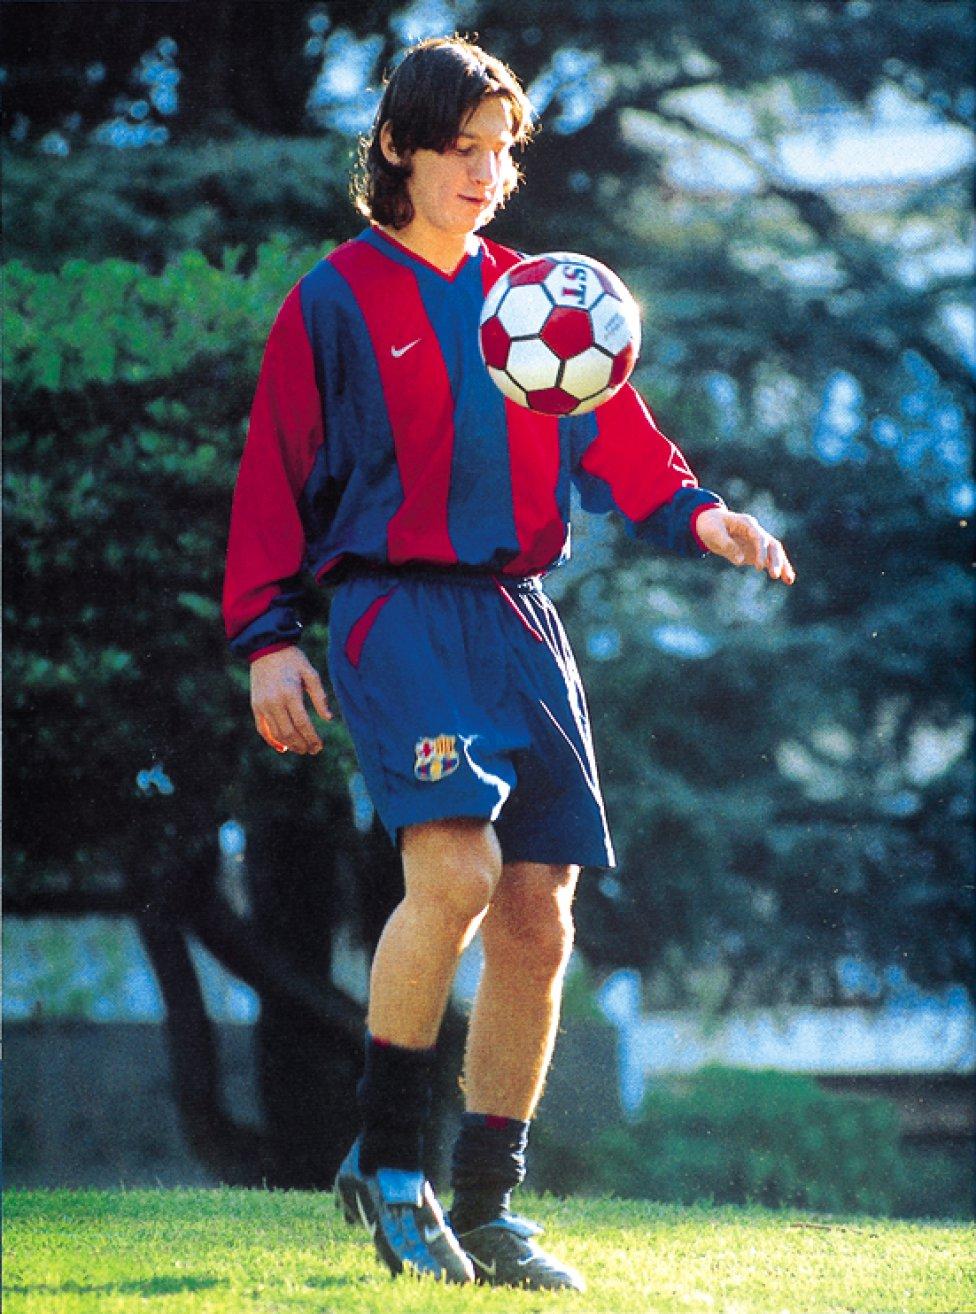 Messi formó parte de los equipos inferiores del Barcelona entre 2000 y 2005. Debutó con el Infantil B ante el Amposta, el 7 de marzo de 2001, en el que anotó un gol.